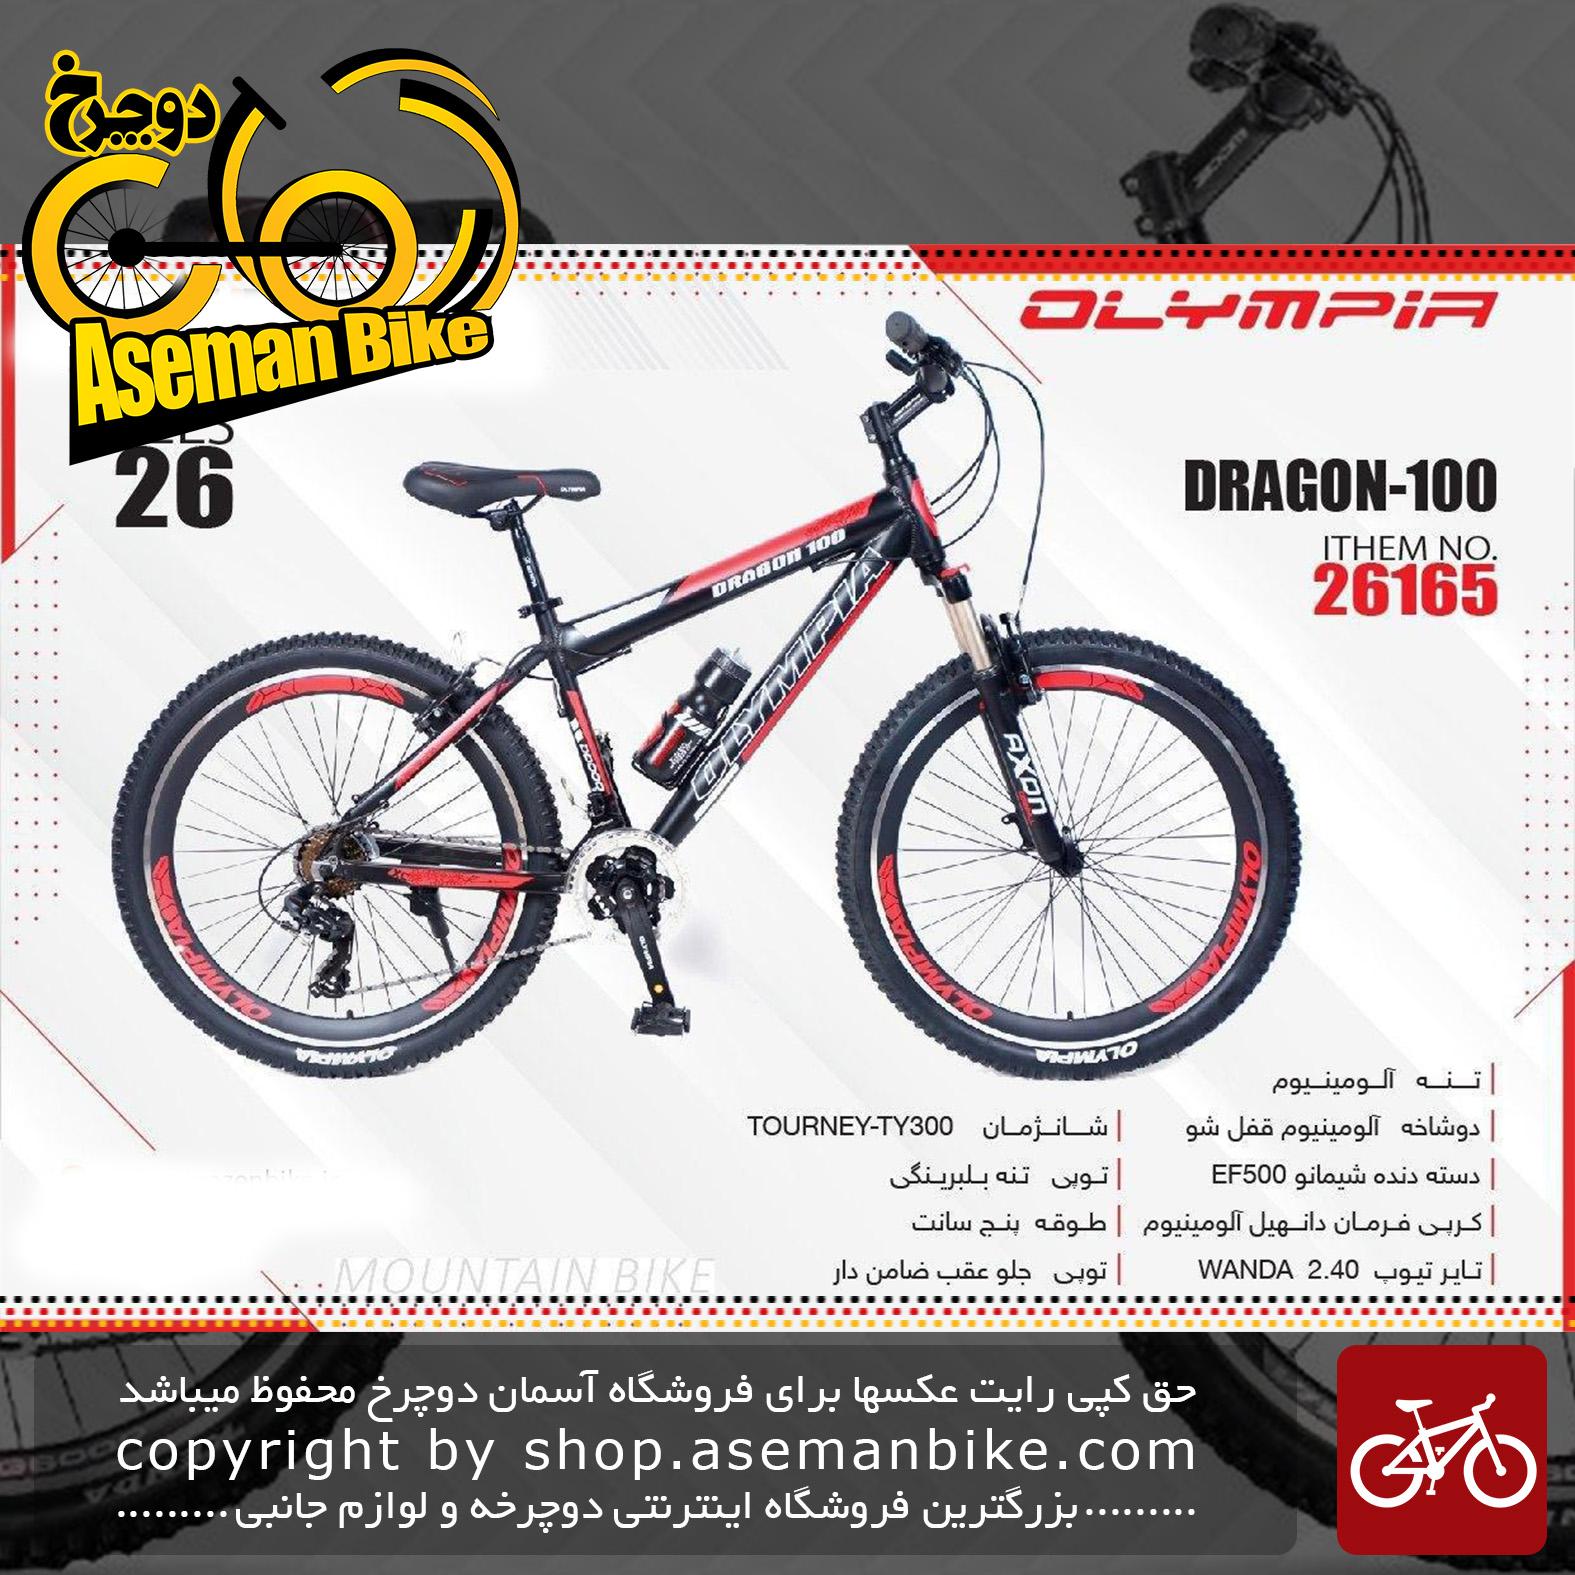 دوچرخه کوهستان المپیا سایز ۲۶مدل دراگون 100 ۲۰۱۹ OLYMPIA SIZE 26 Dragon 100 2019